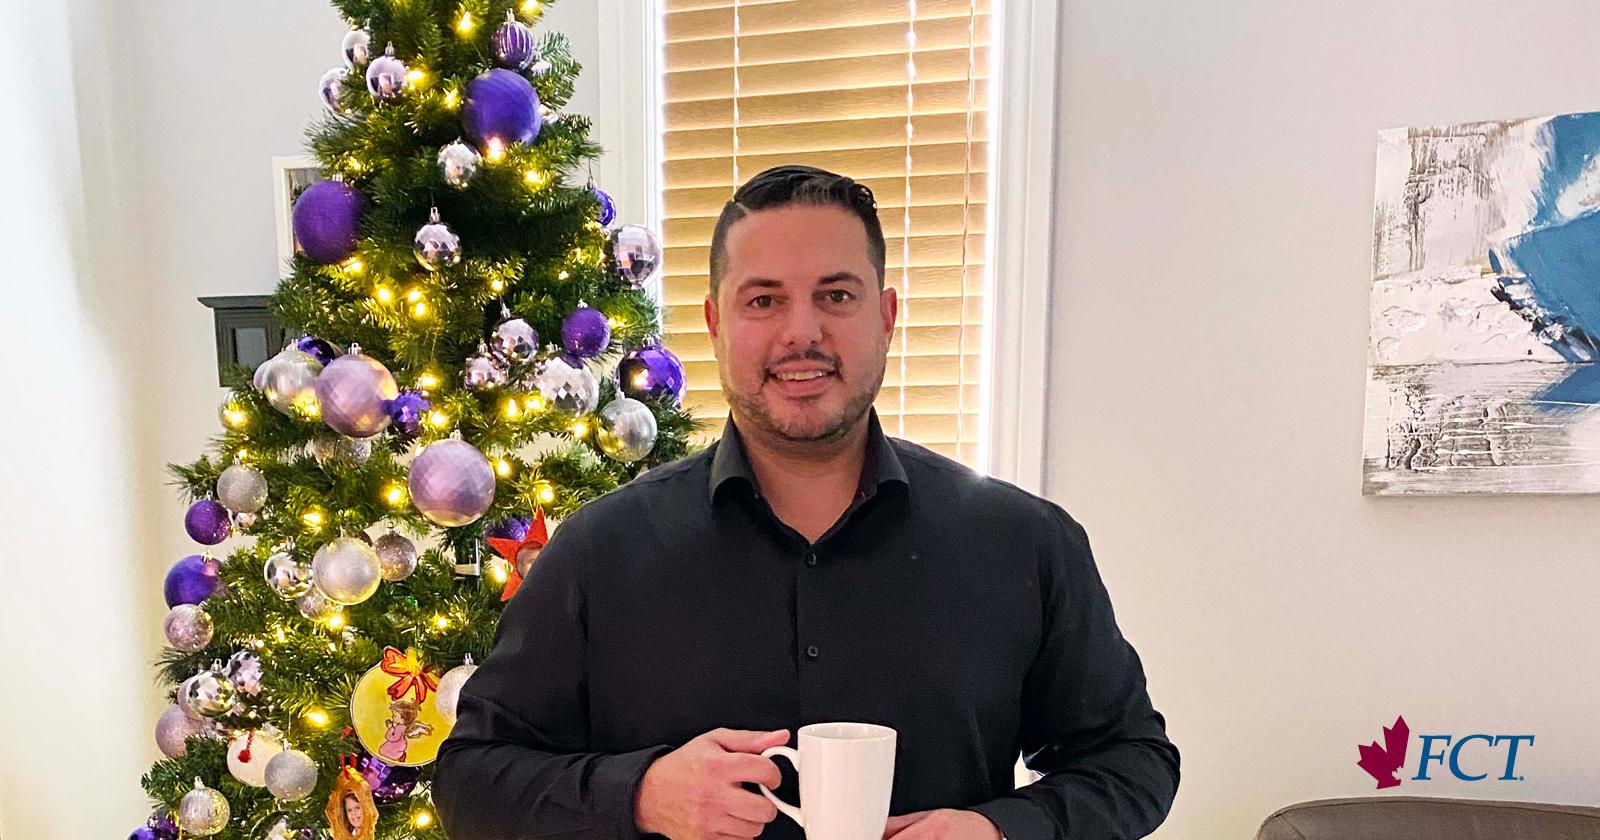 homme tenant une tasse avec un arbre de Noël derrière lui